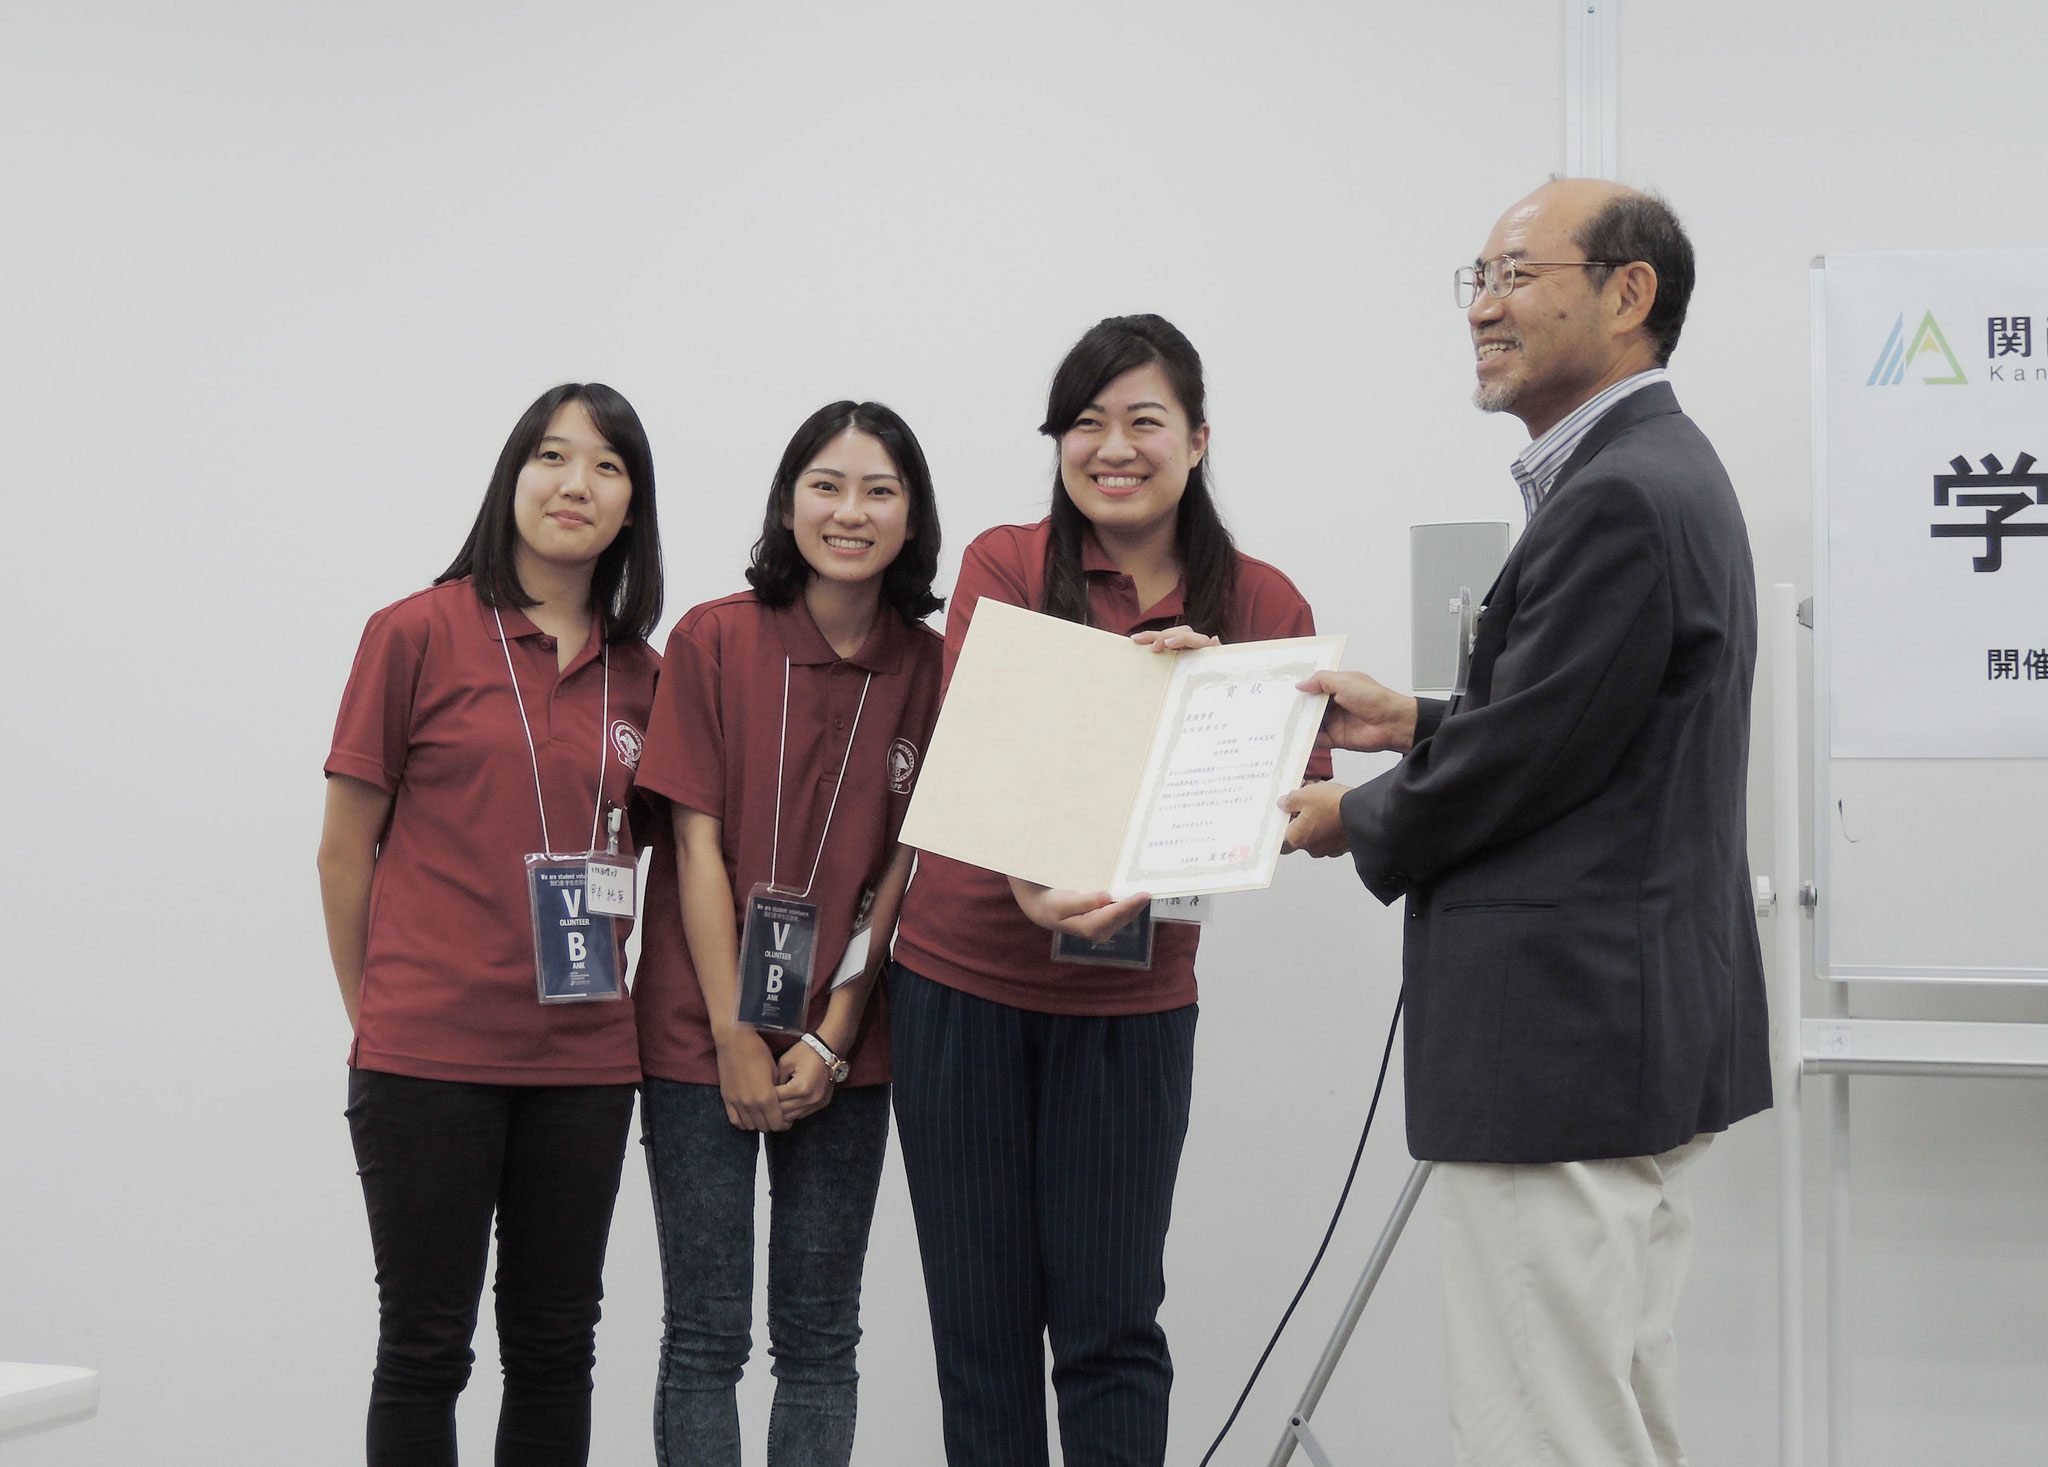 【最優秀賞】大阪国際大学・大阪国際大学短期大学部